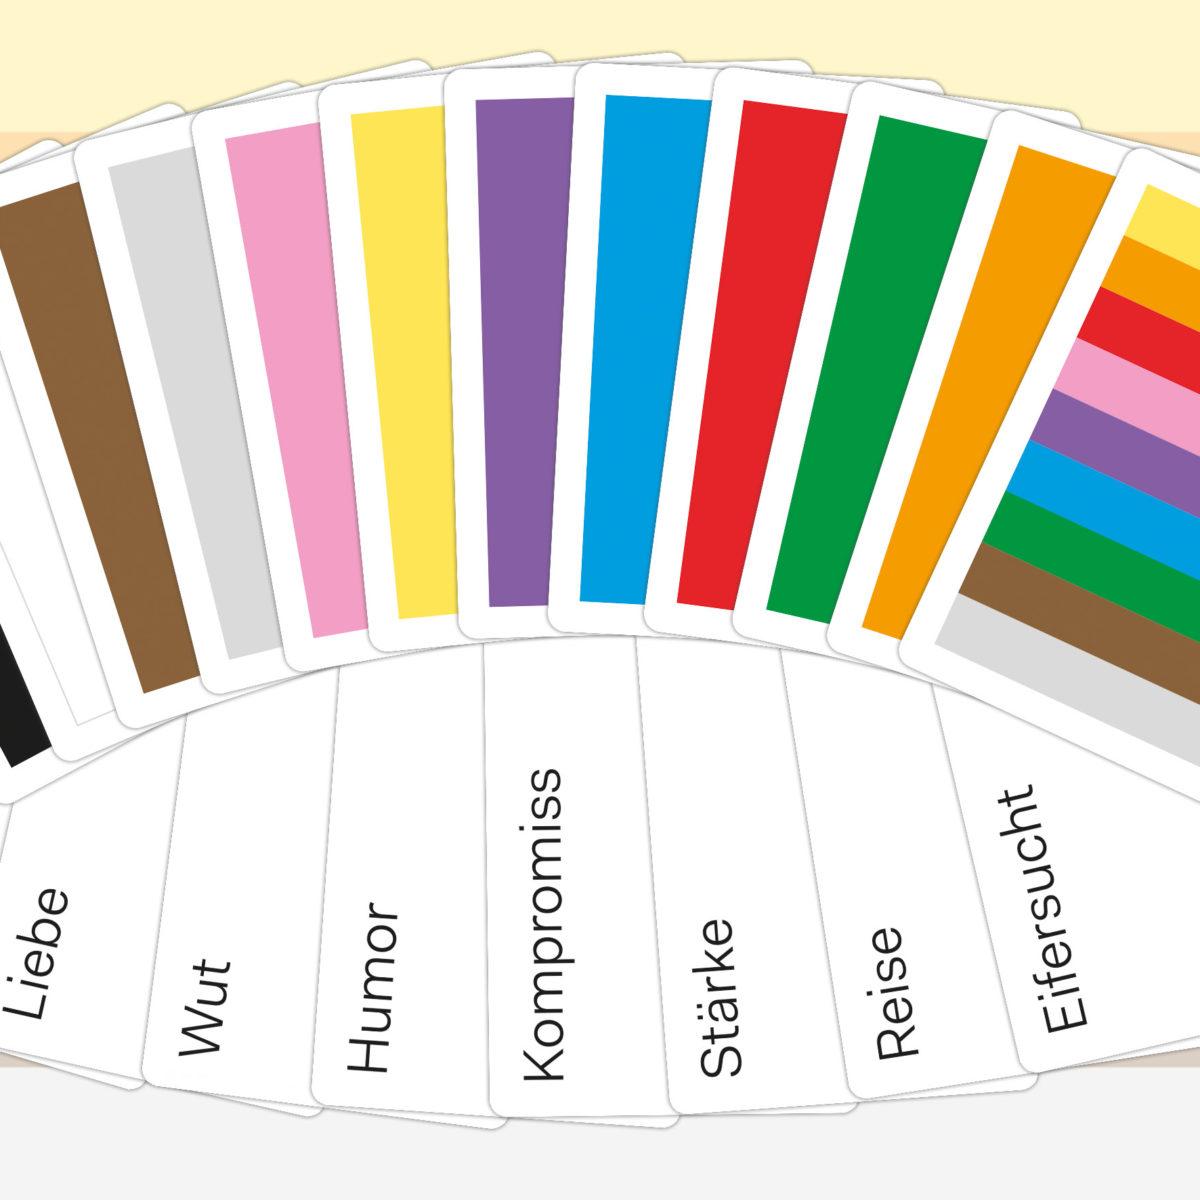 Farben_Spielmaterial_gesamt